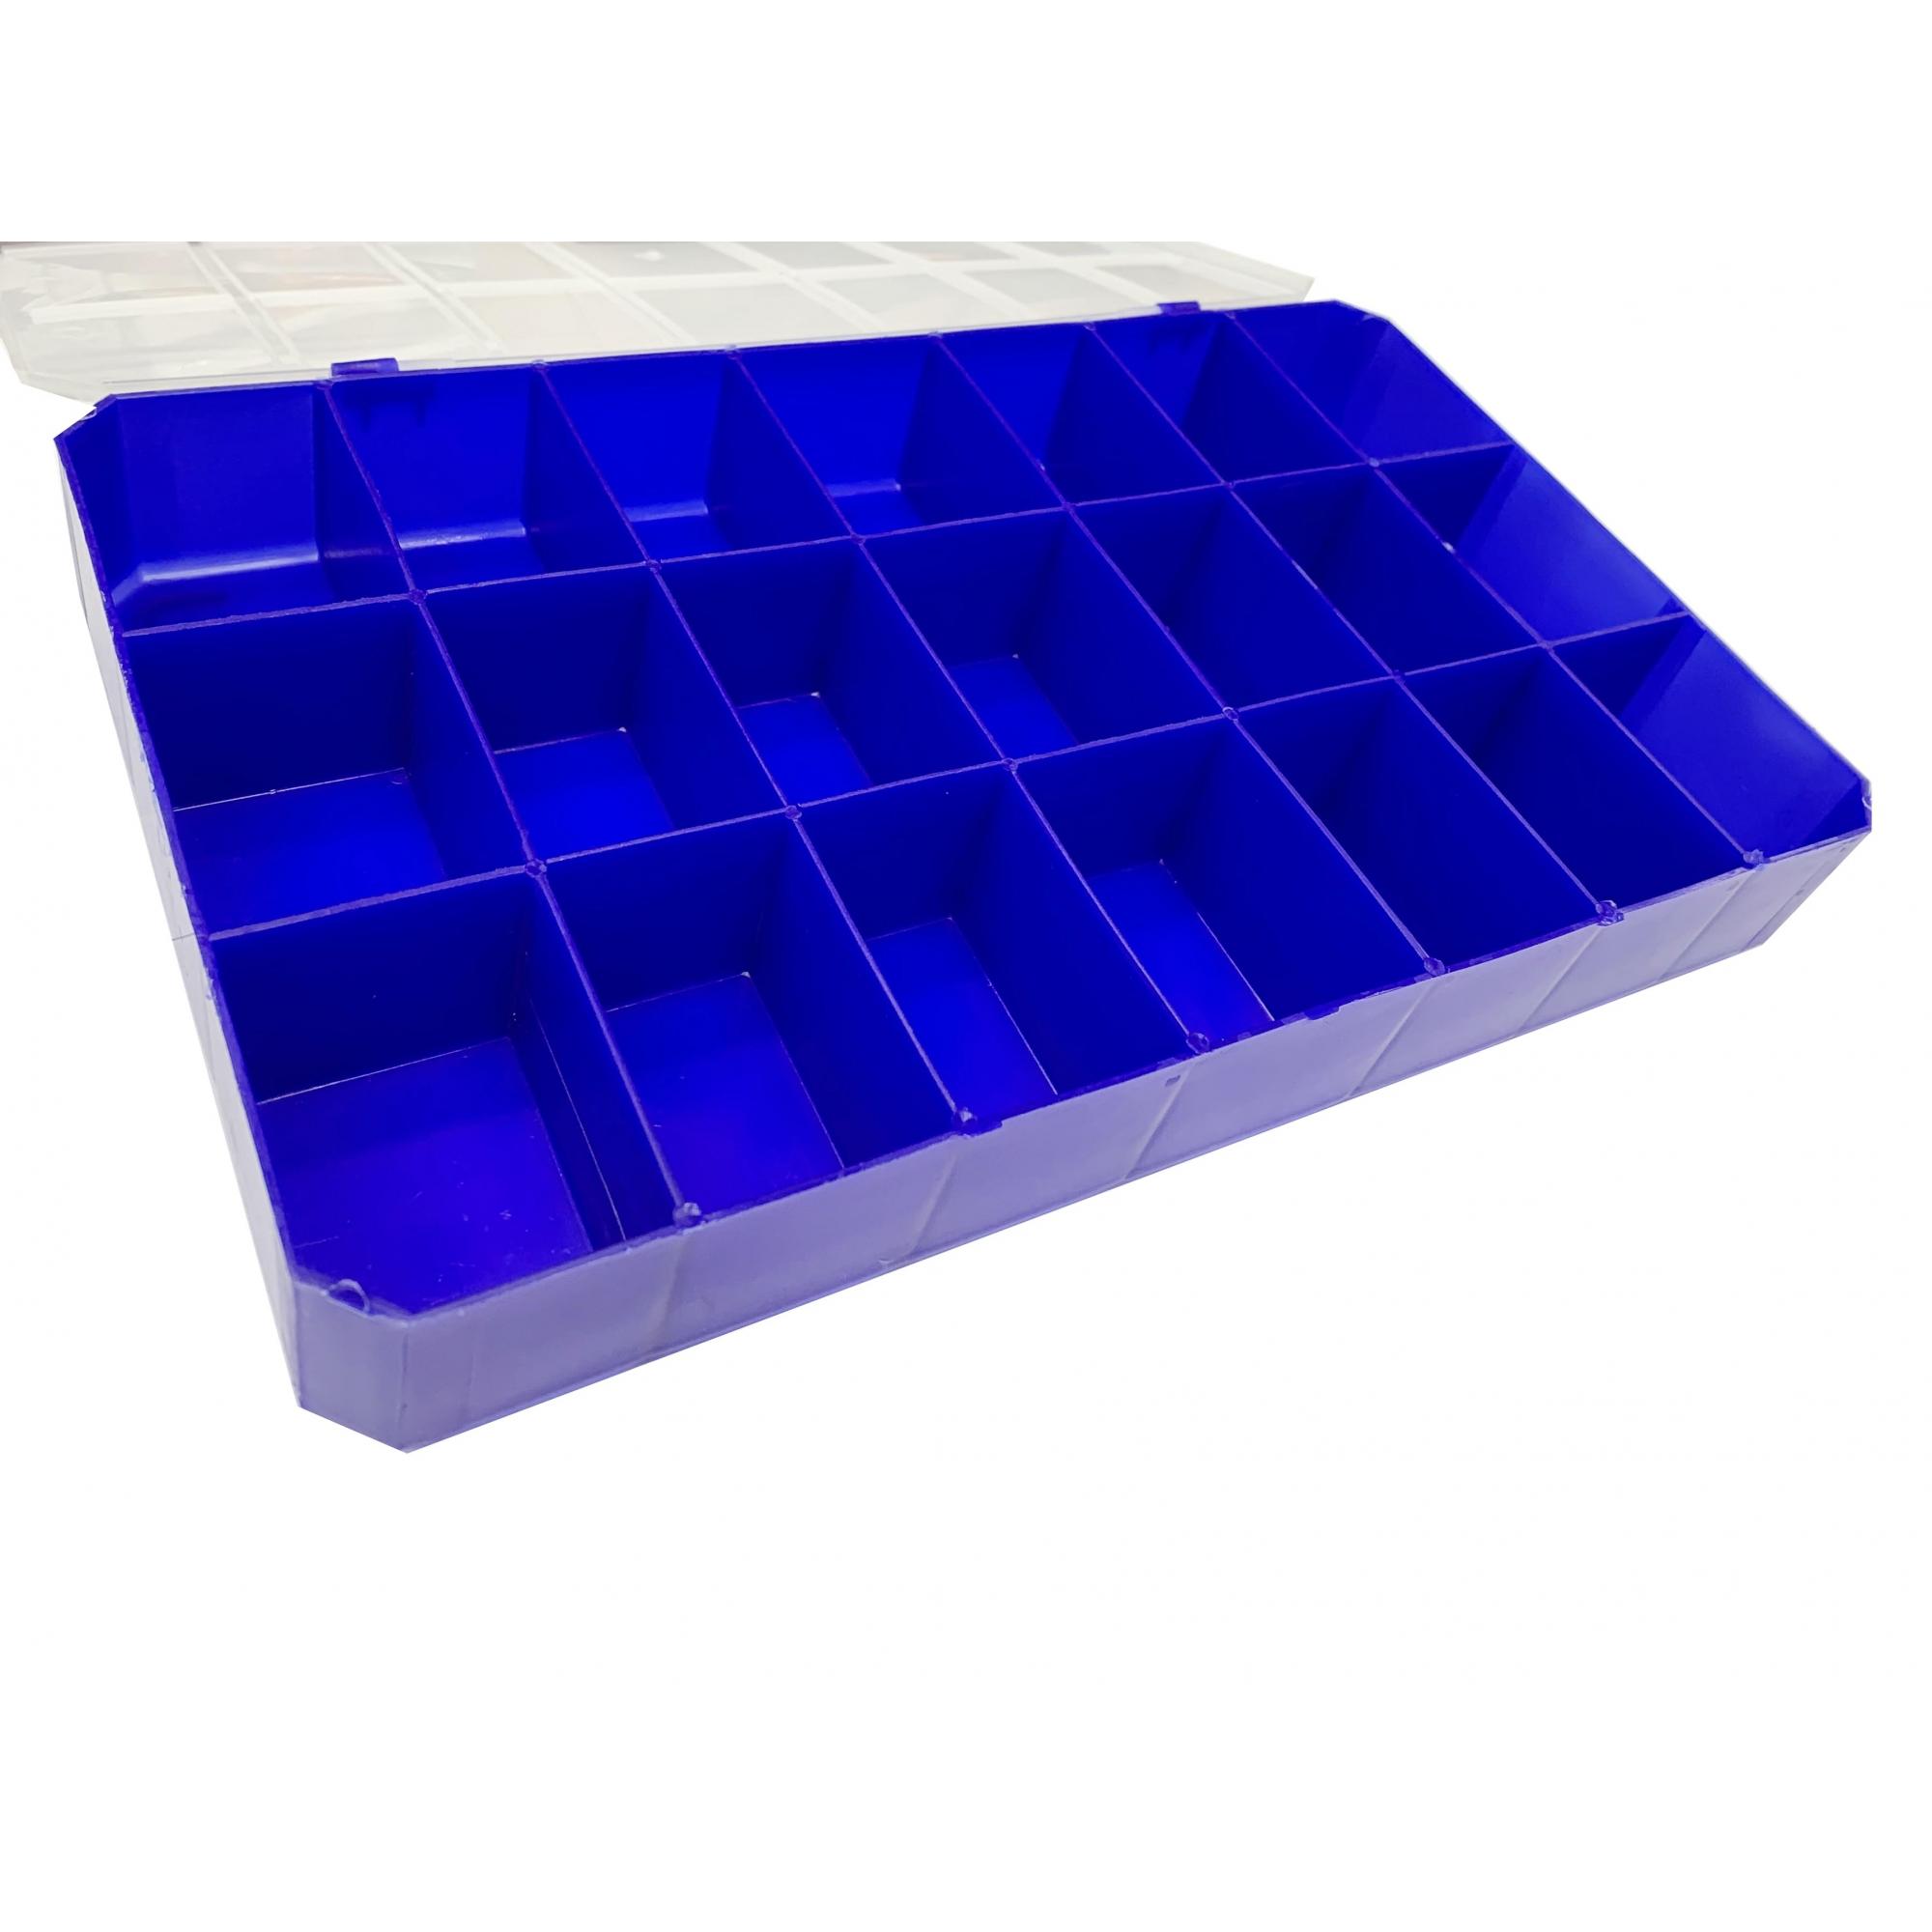 Caixa Organizadora - Transparente e Azul  - Universo Religioso® - Artigos de Umbanda e Candomblé